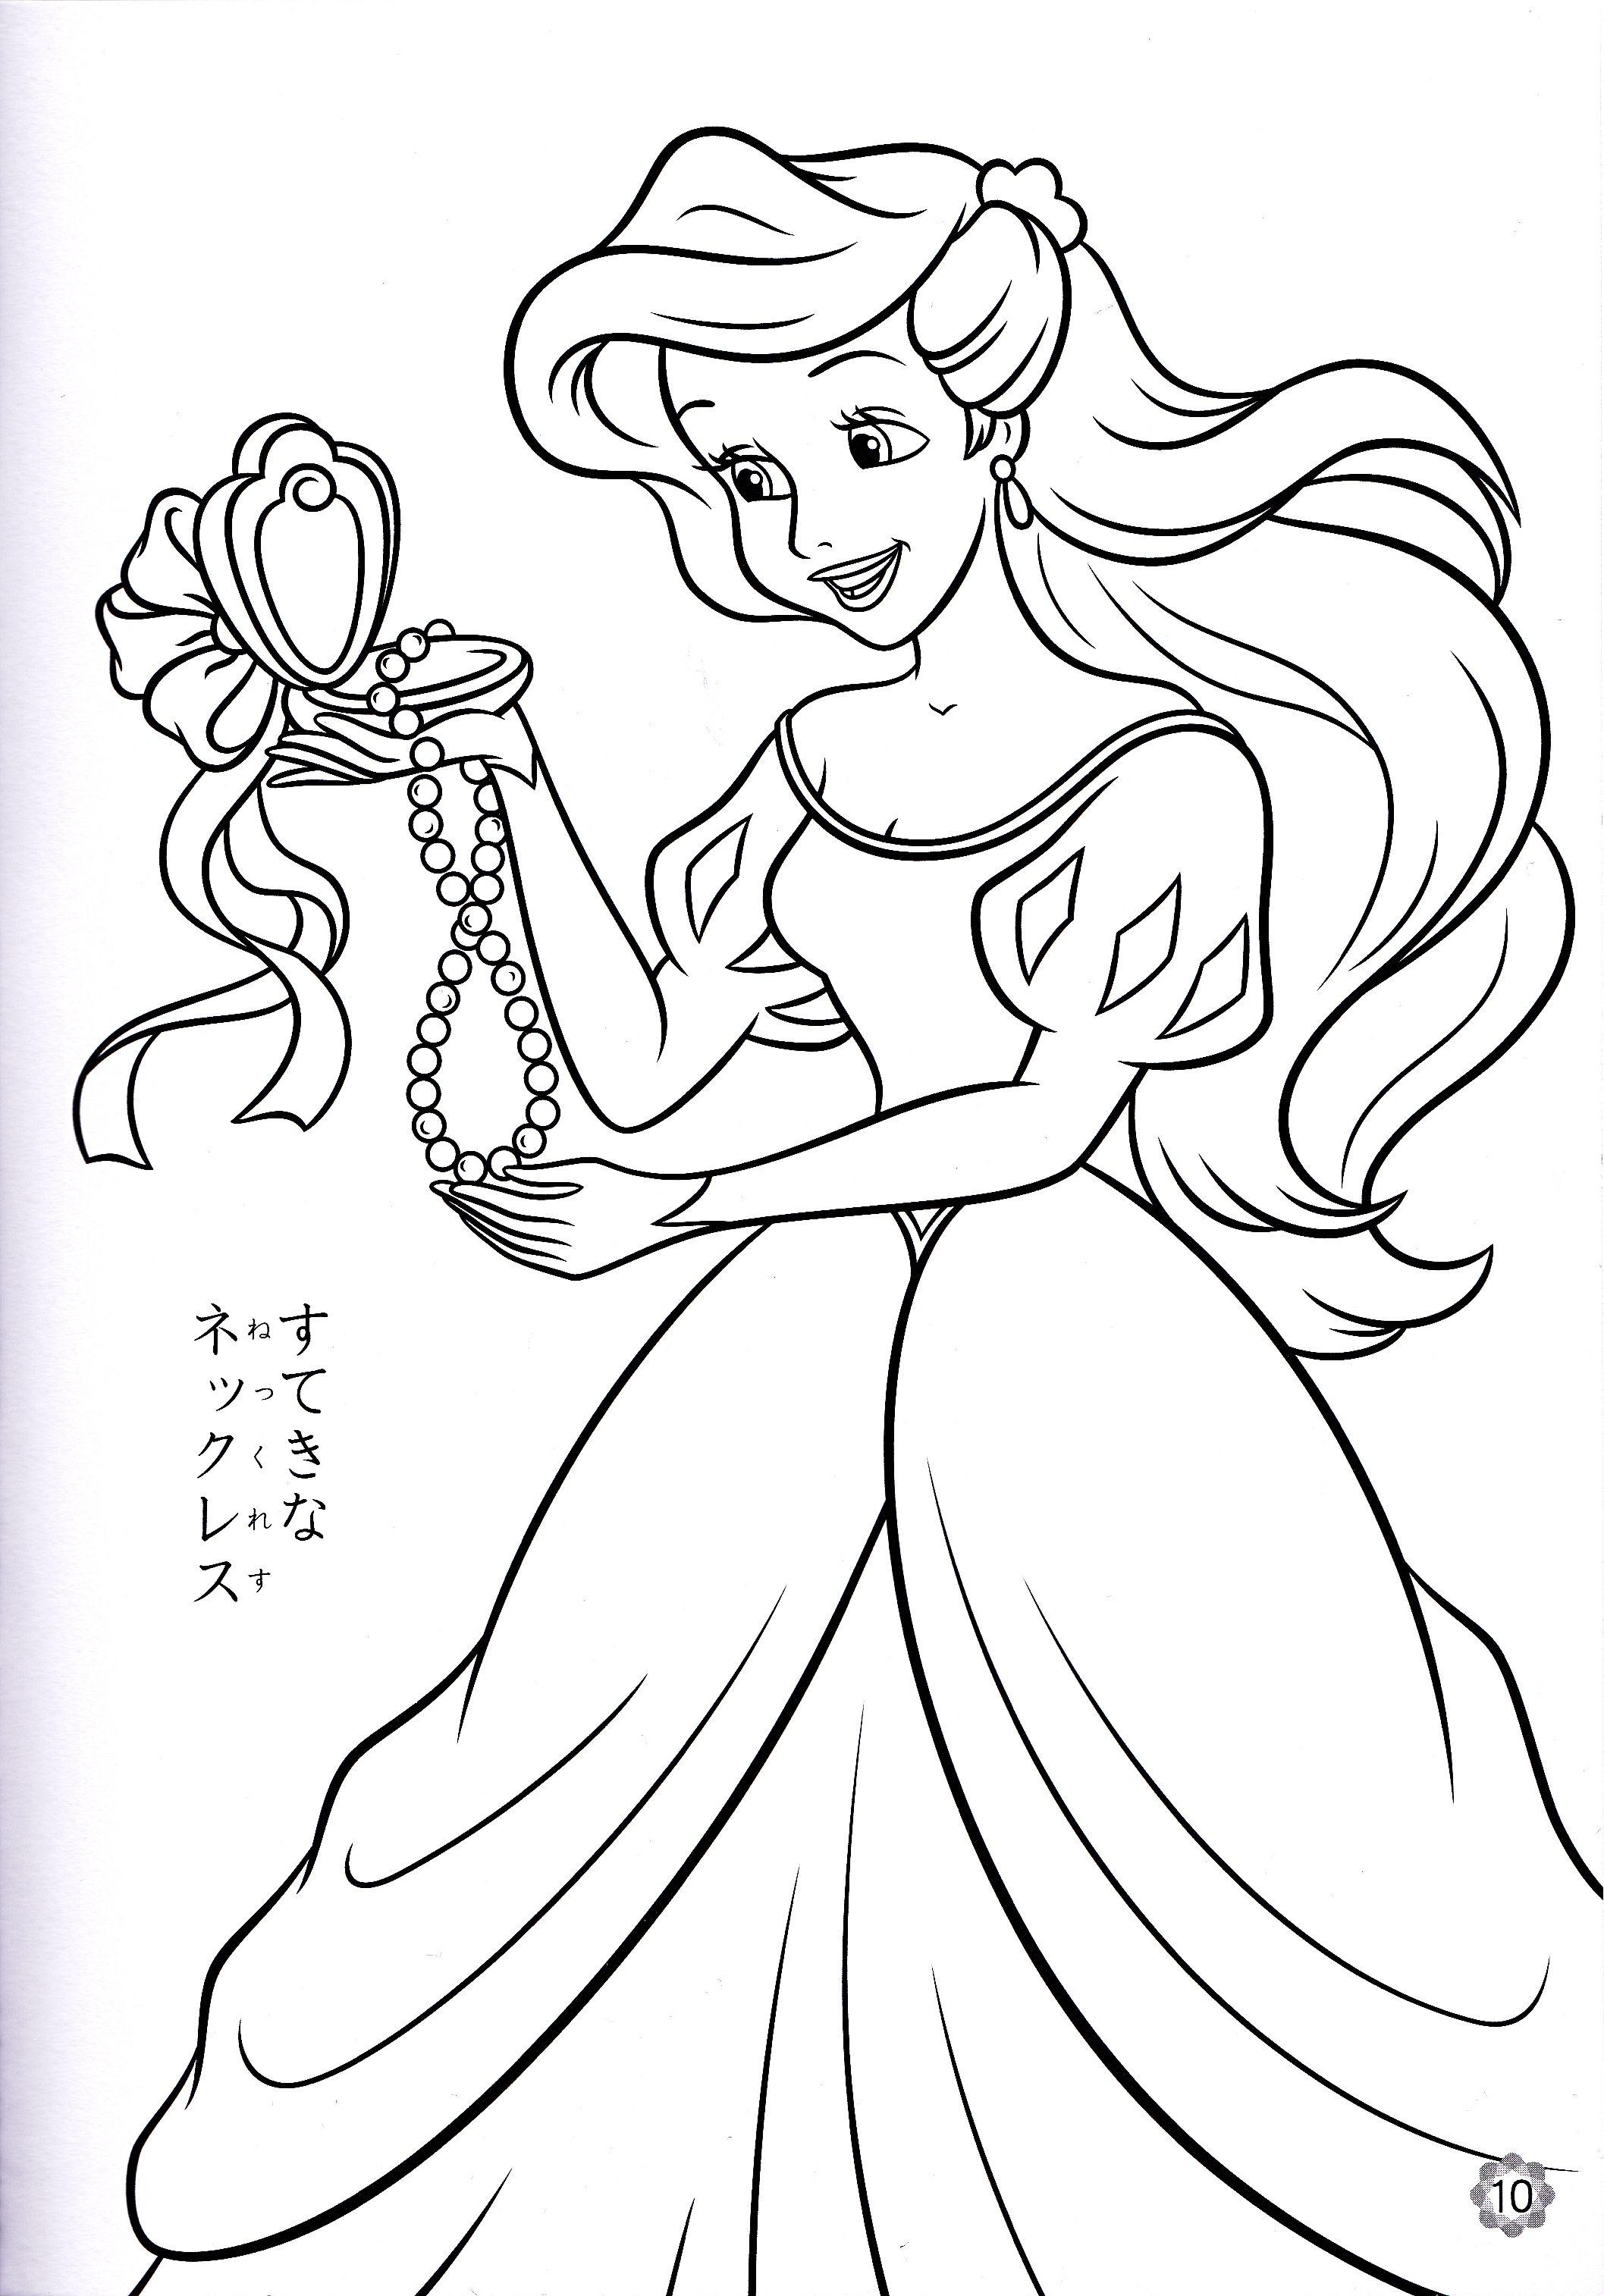 Coloring Pages Walt Disney Princess Coloring Pages Pinterest